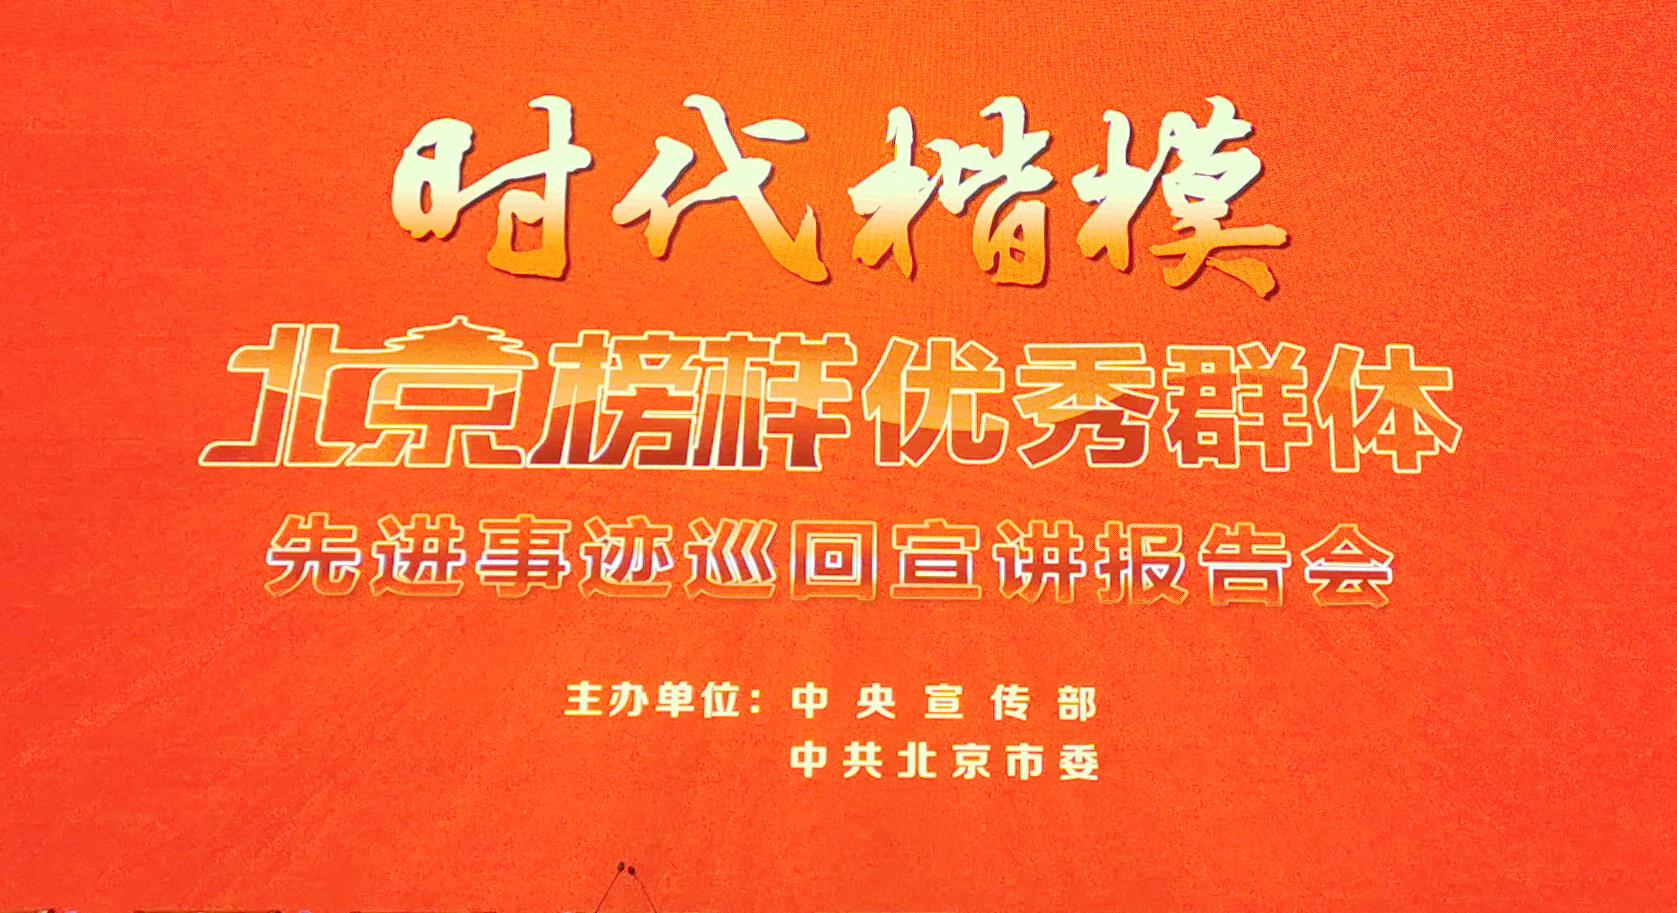 失去双臂的她自强不息,APEC上用脚趾为各国元首夫人们表演剪纸技艺,现在是北京17所机构的特教老师